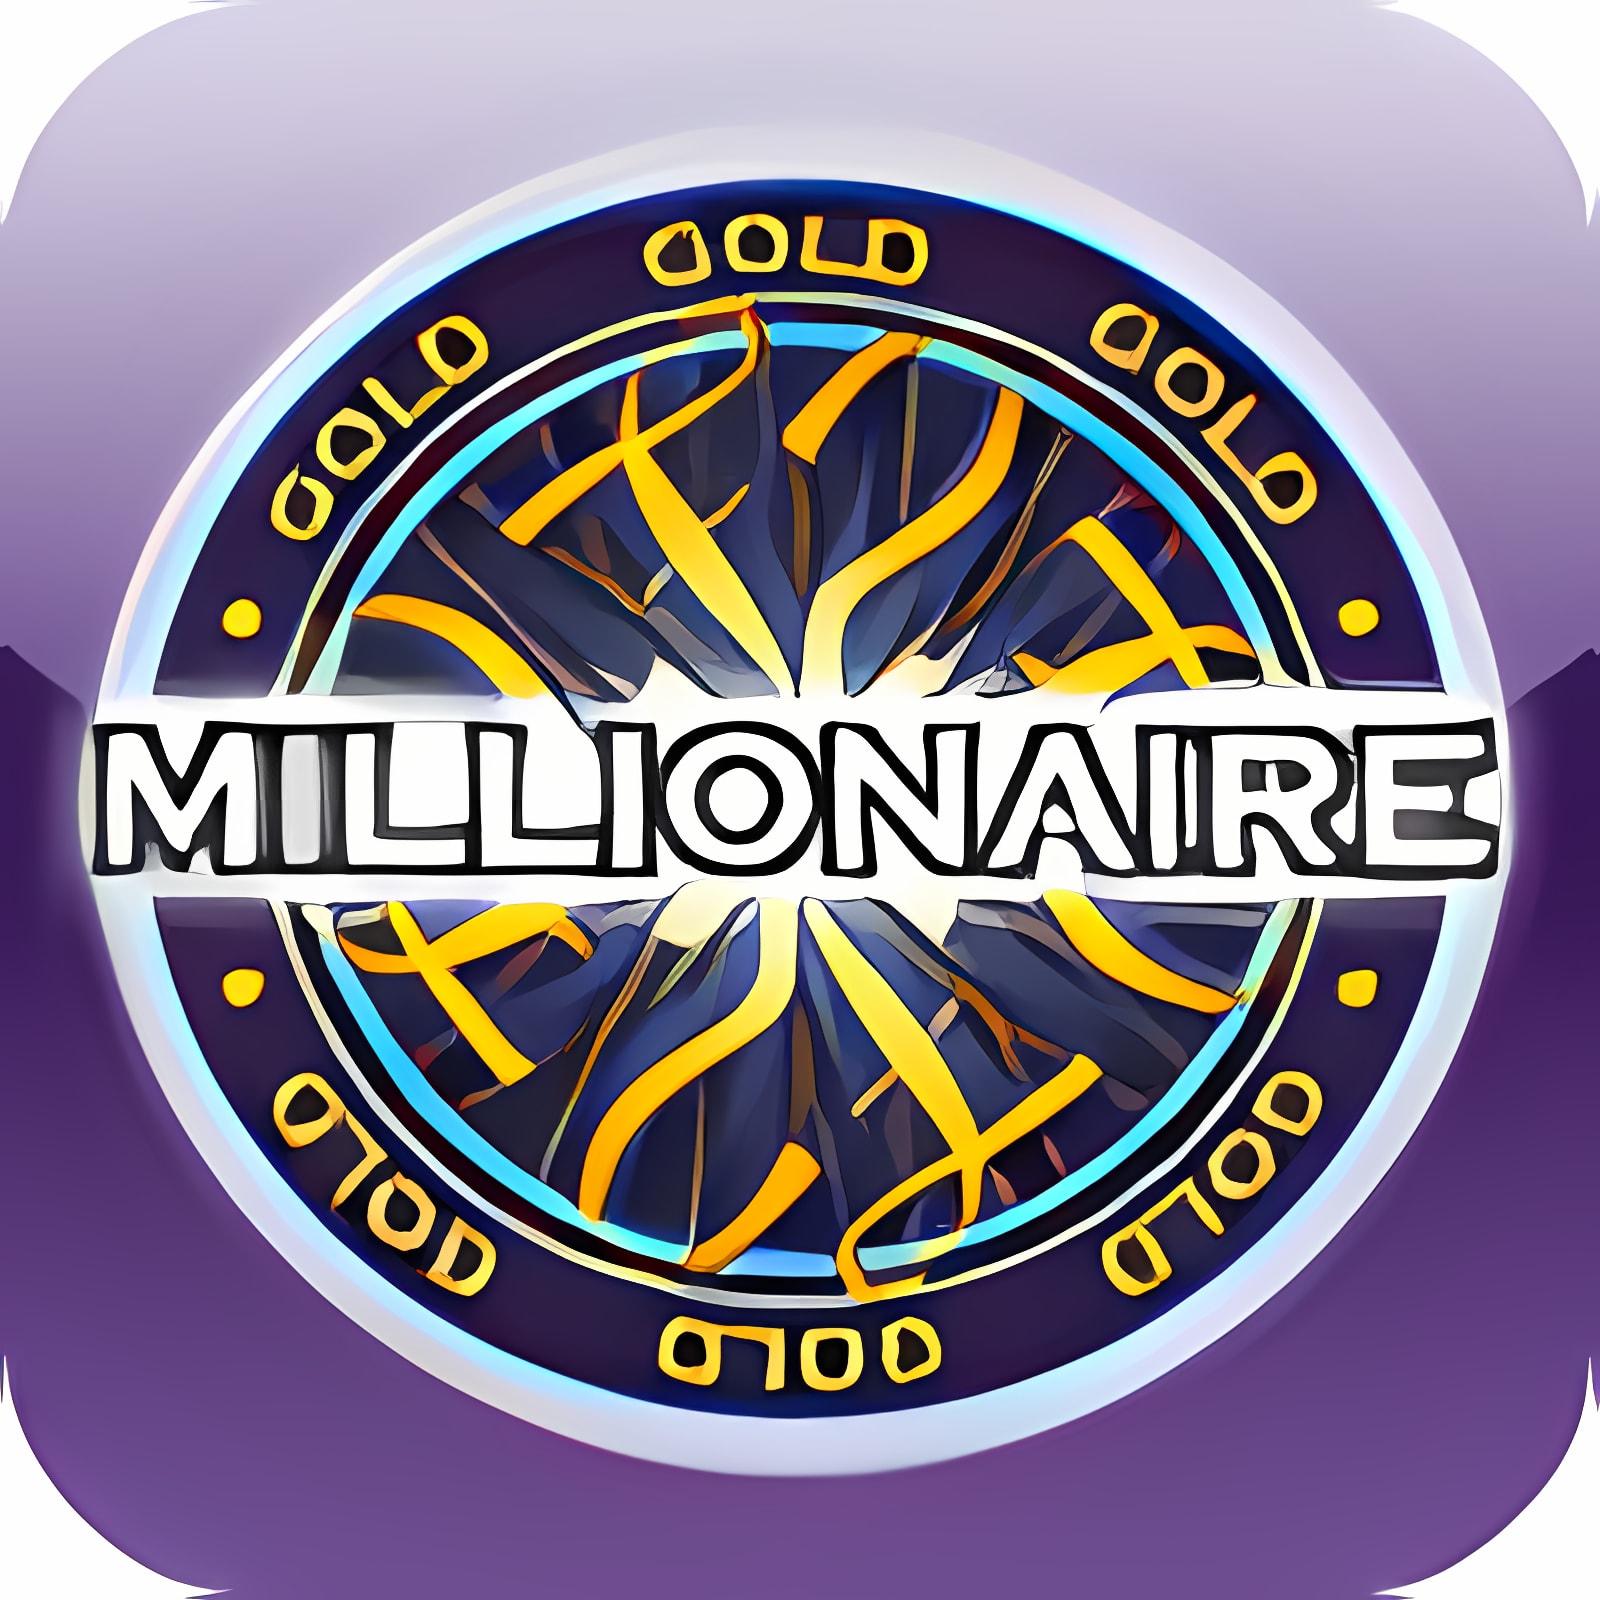 Millionaire GOLD 2